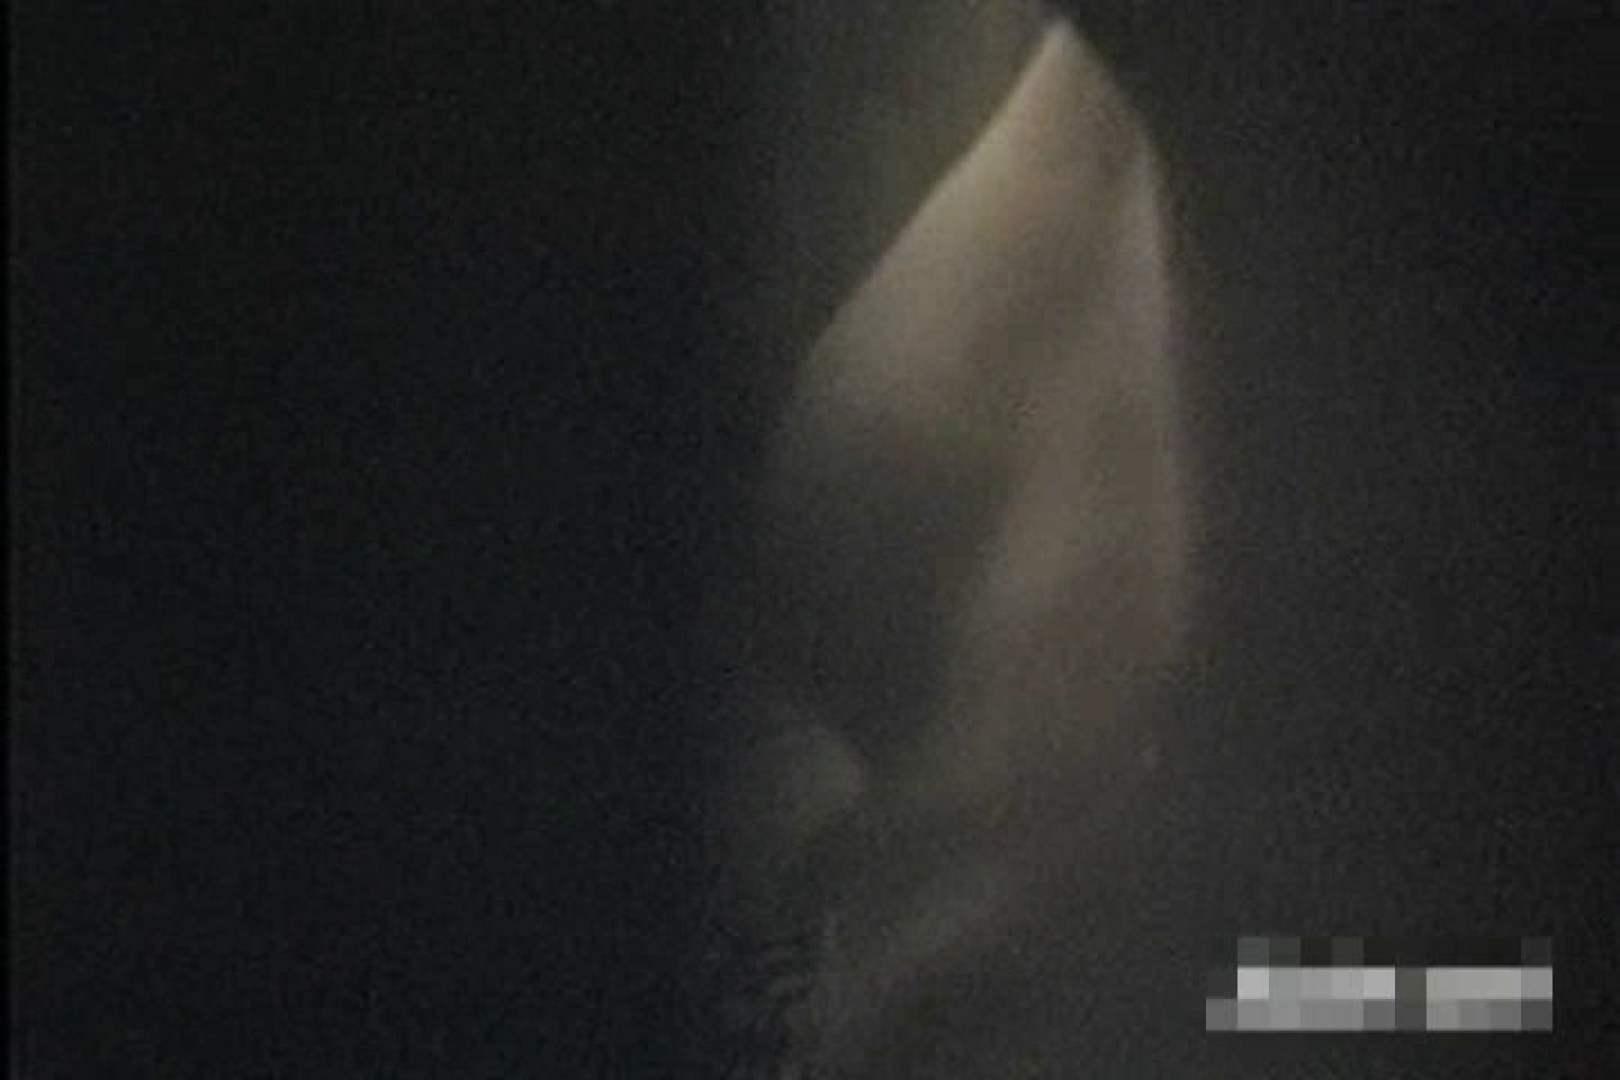 激撮ストーカー記録あなたのお宅拝見しますVol.1 プライベート おめこ無修正動画無料 98pic 81